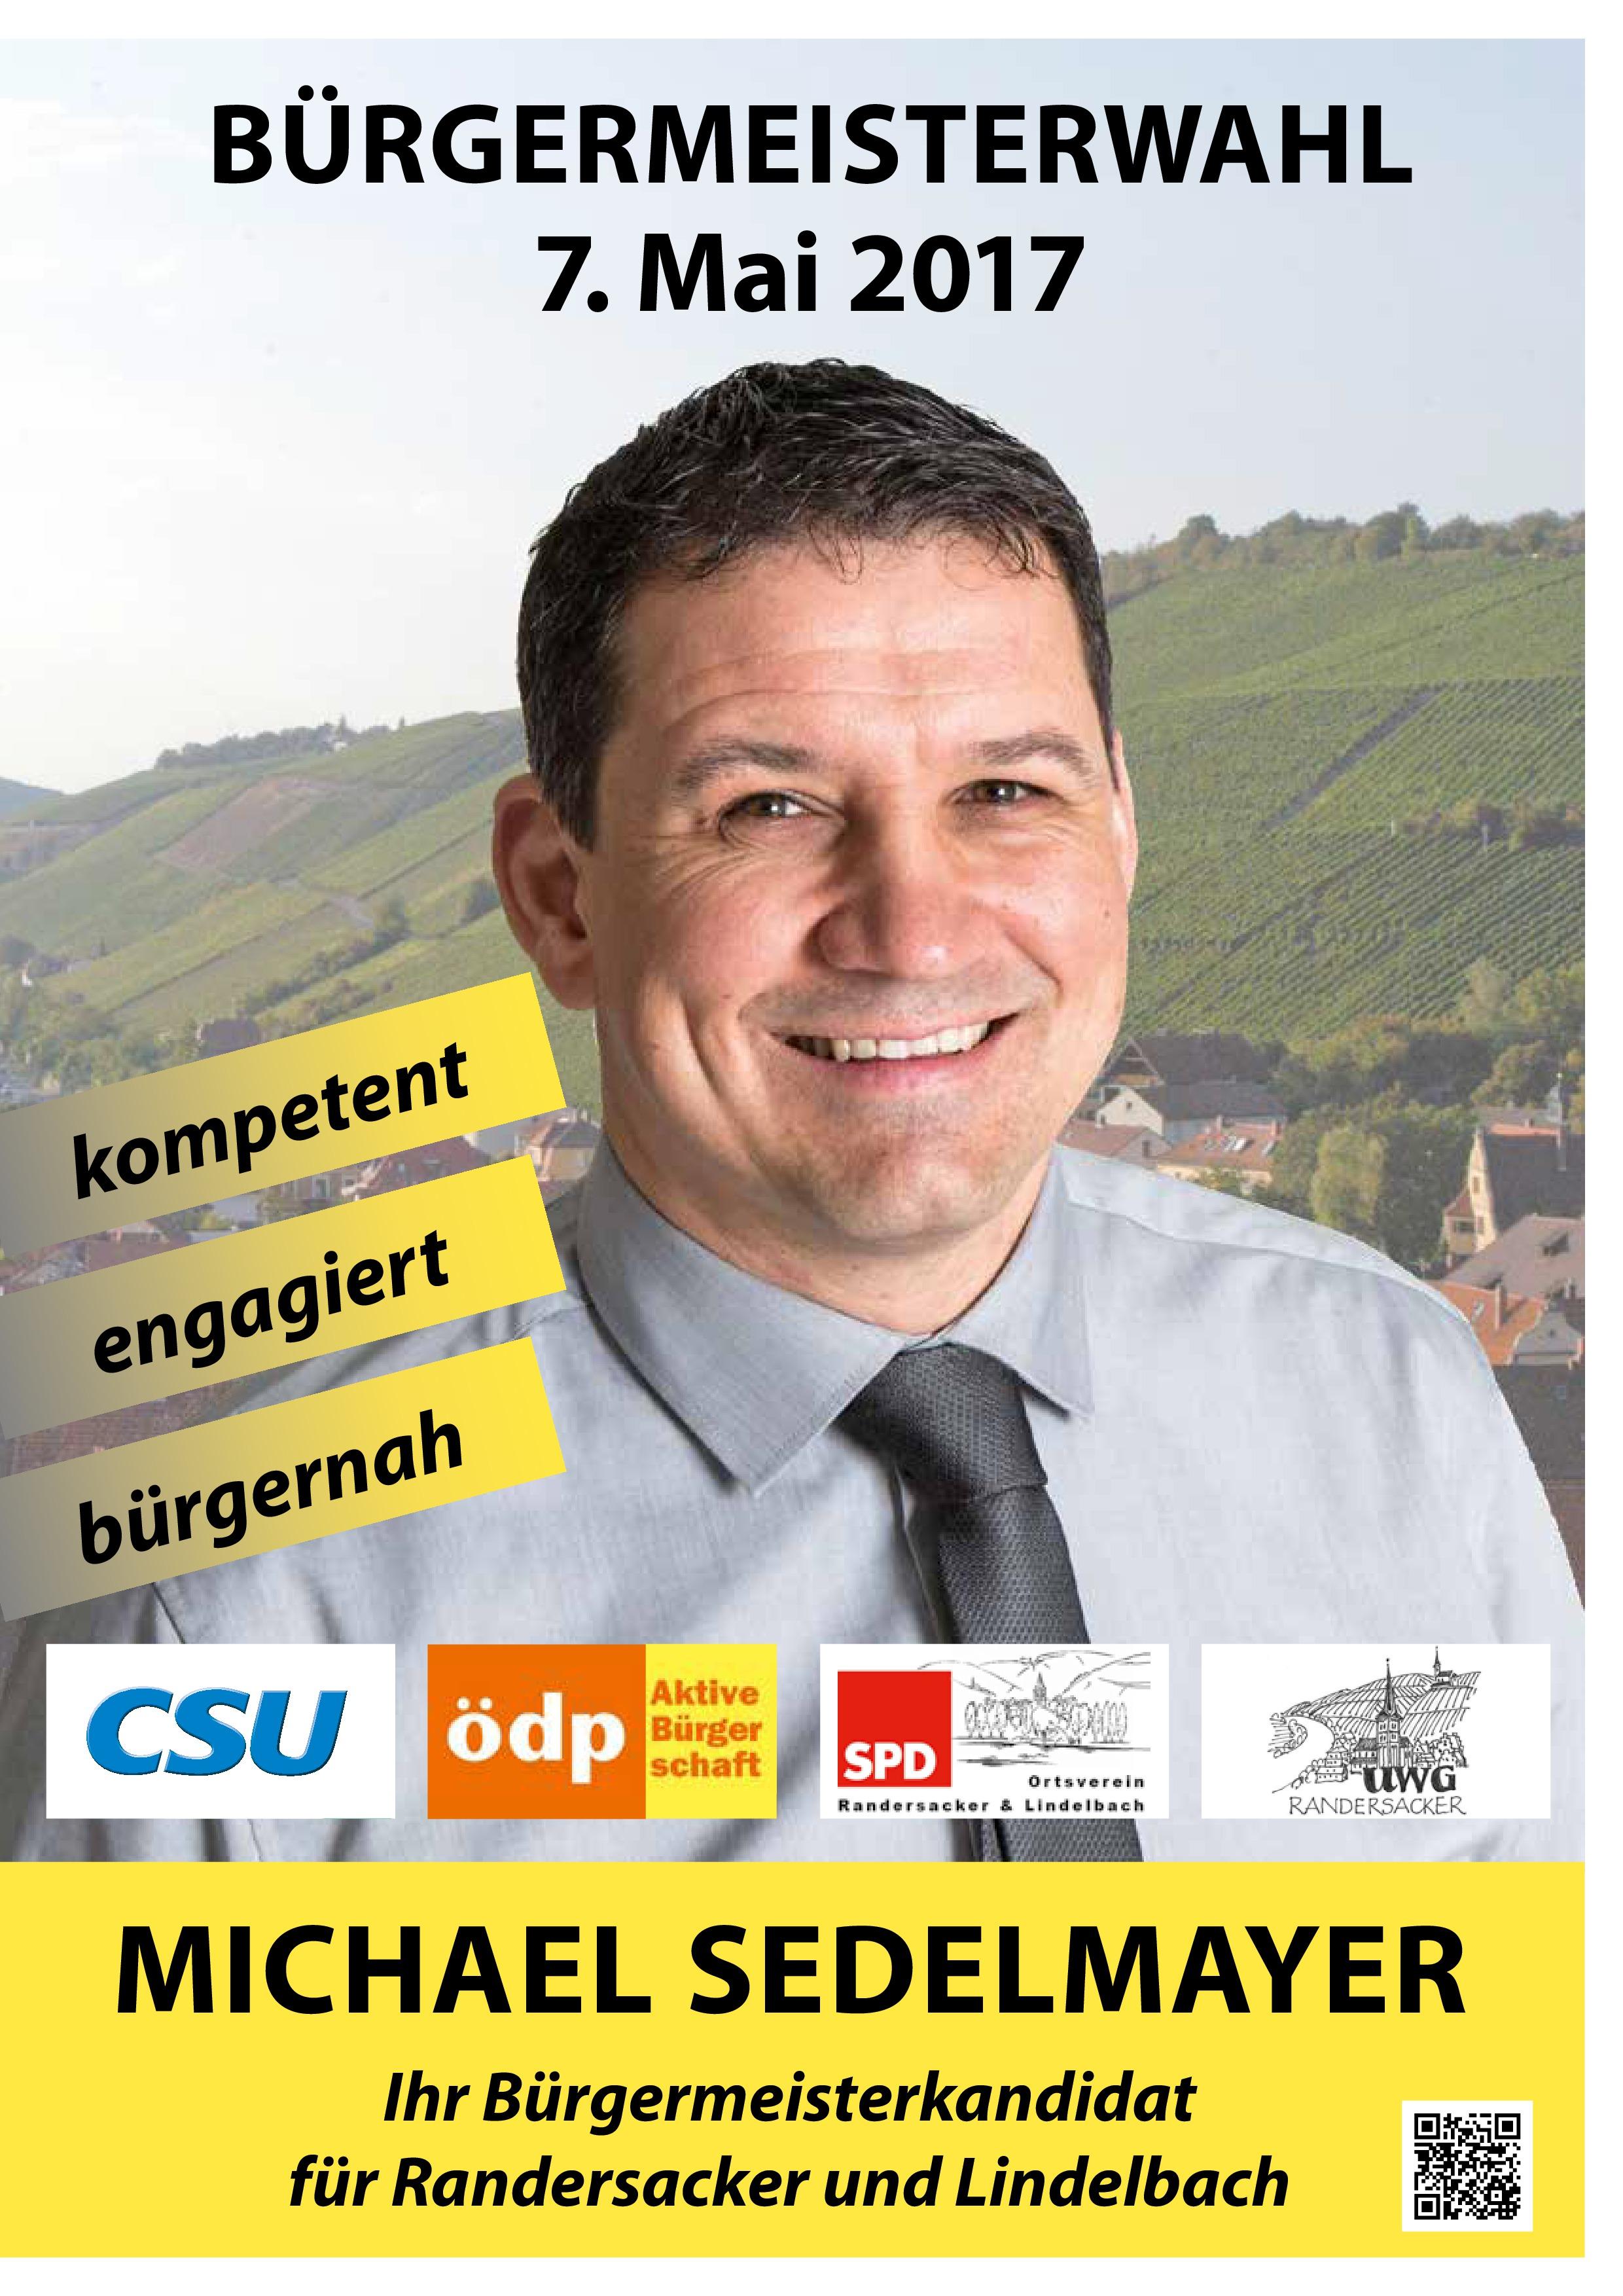 Michael Sedelmayer ist unser Bürgermeister für Randersacker